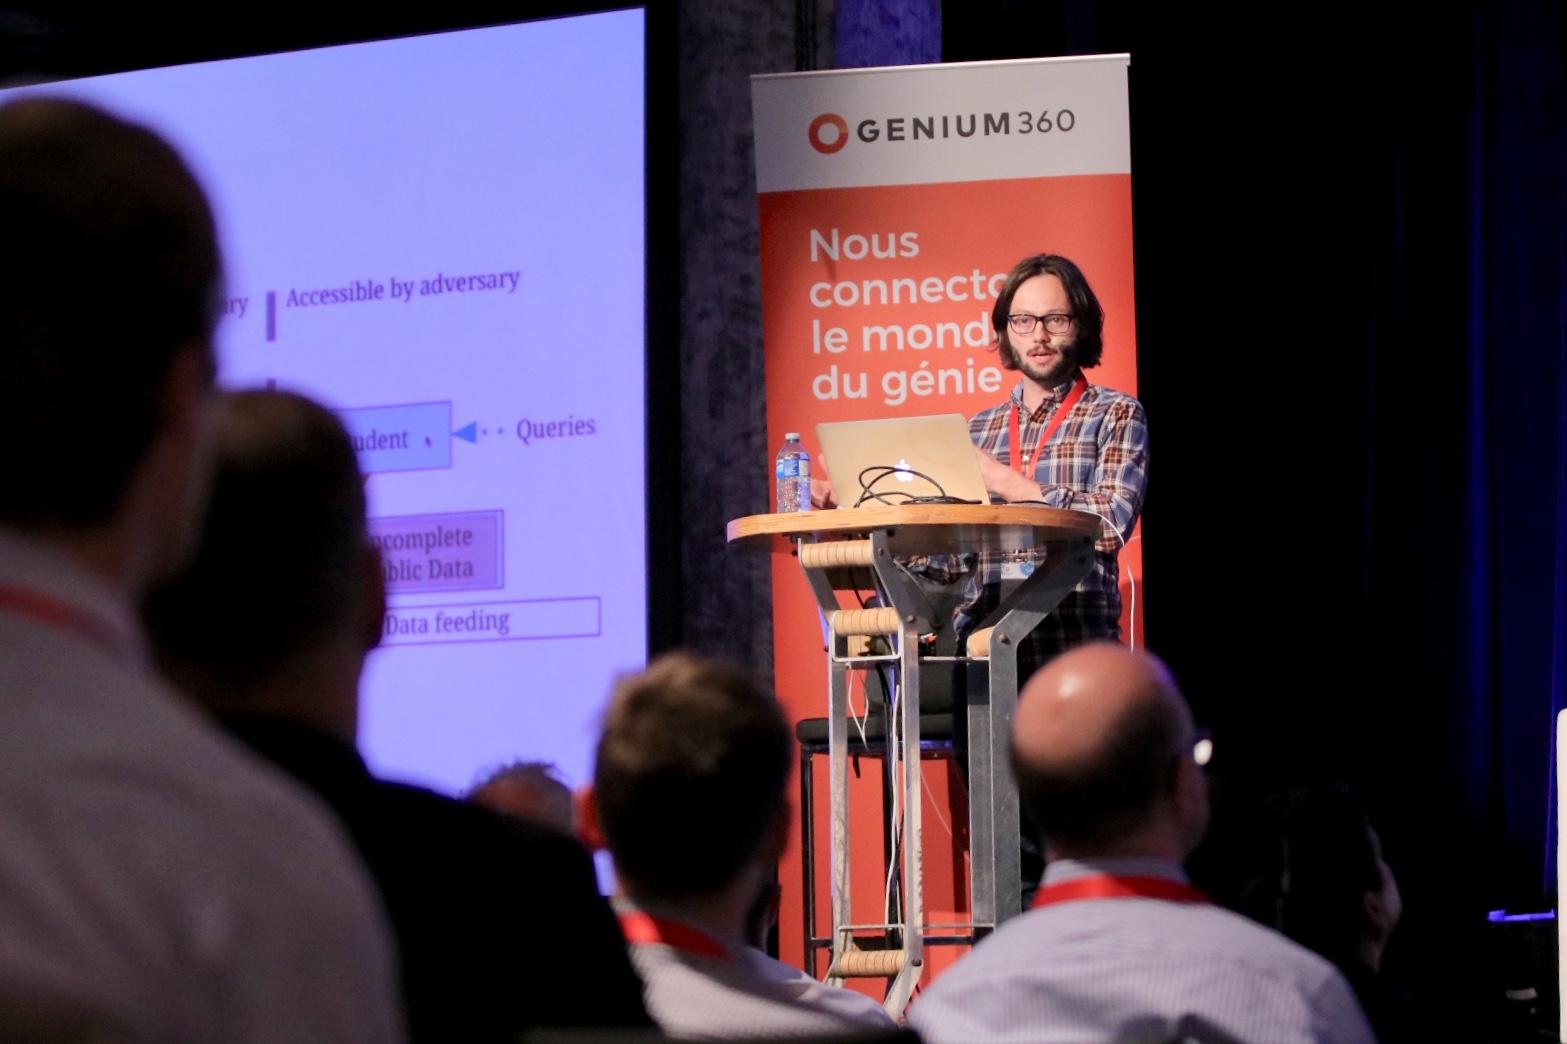 ingénierie et IA rencontres de génie réseau de neurones google